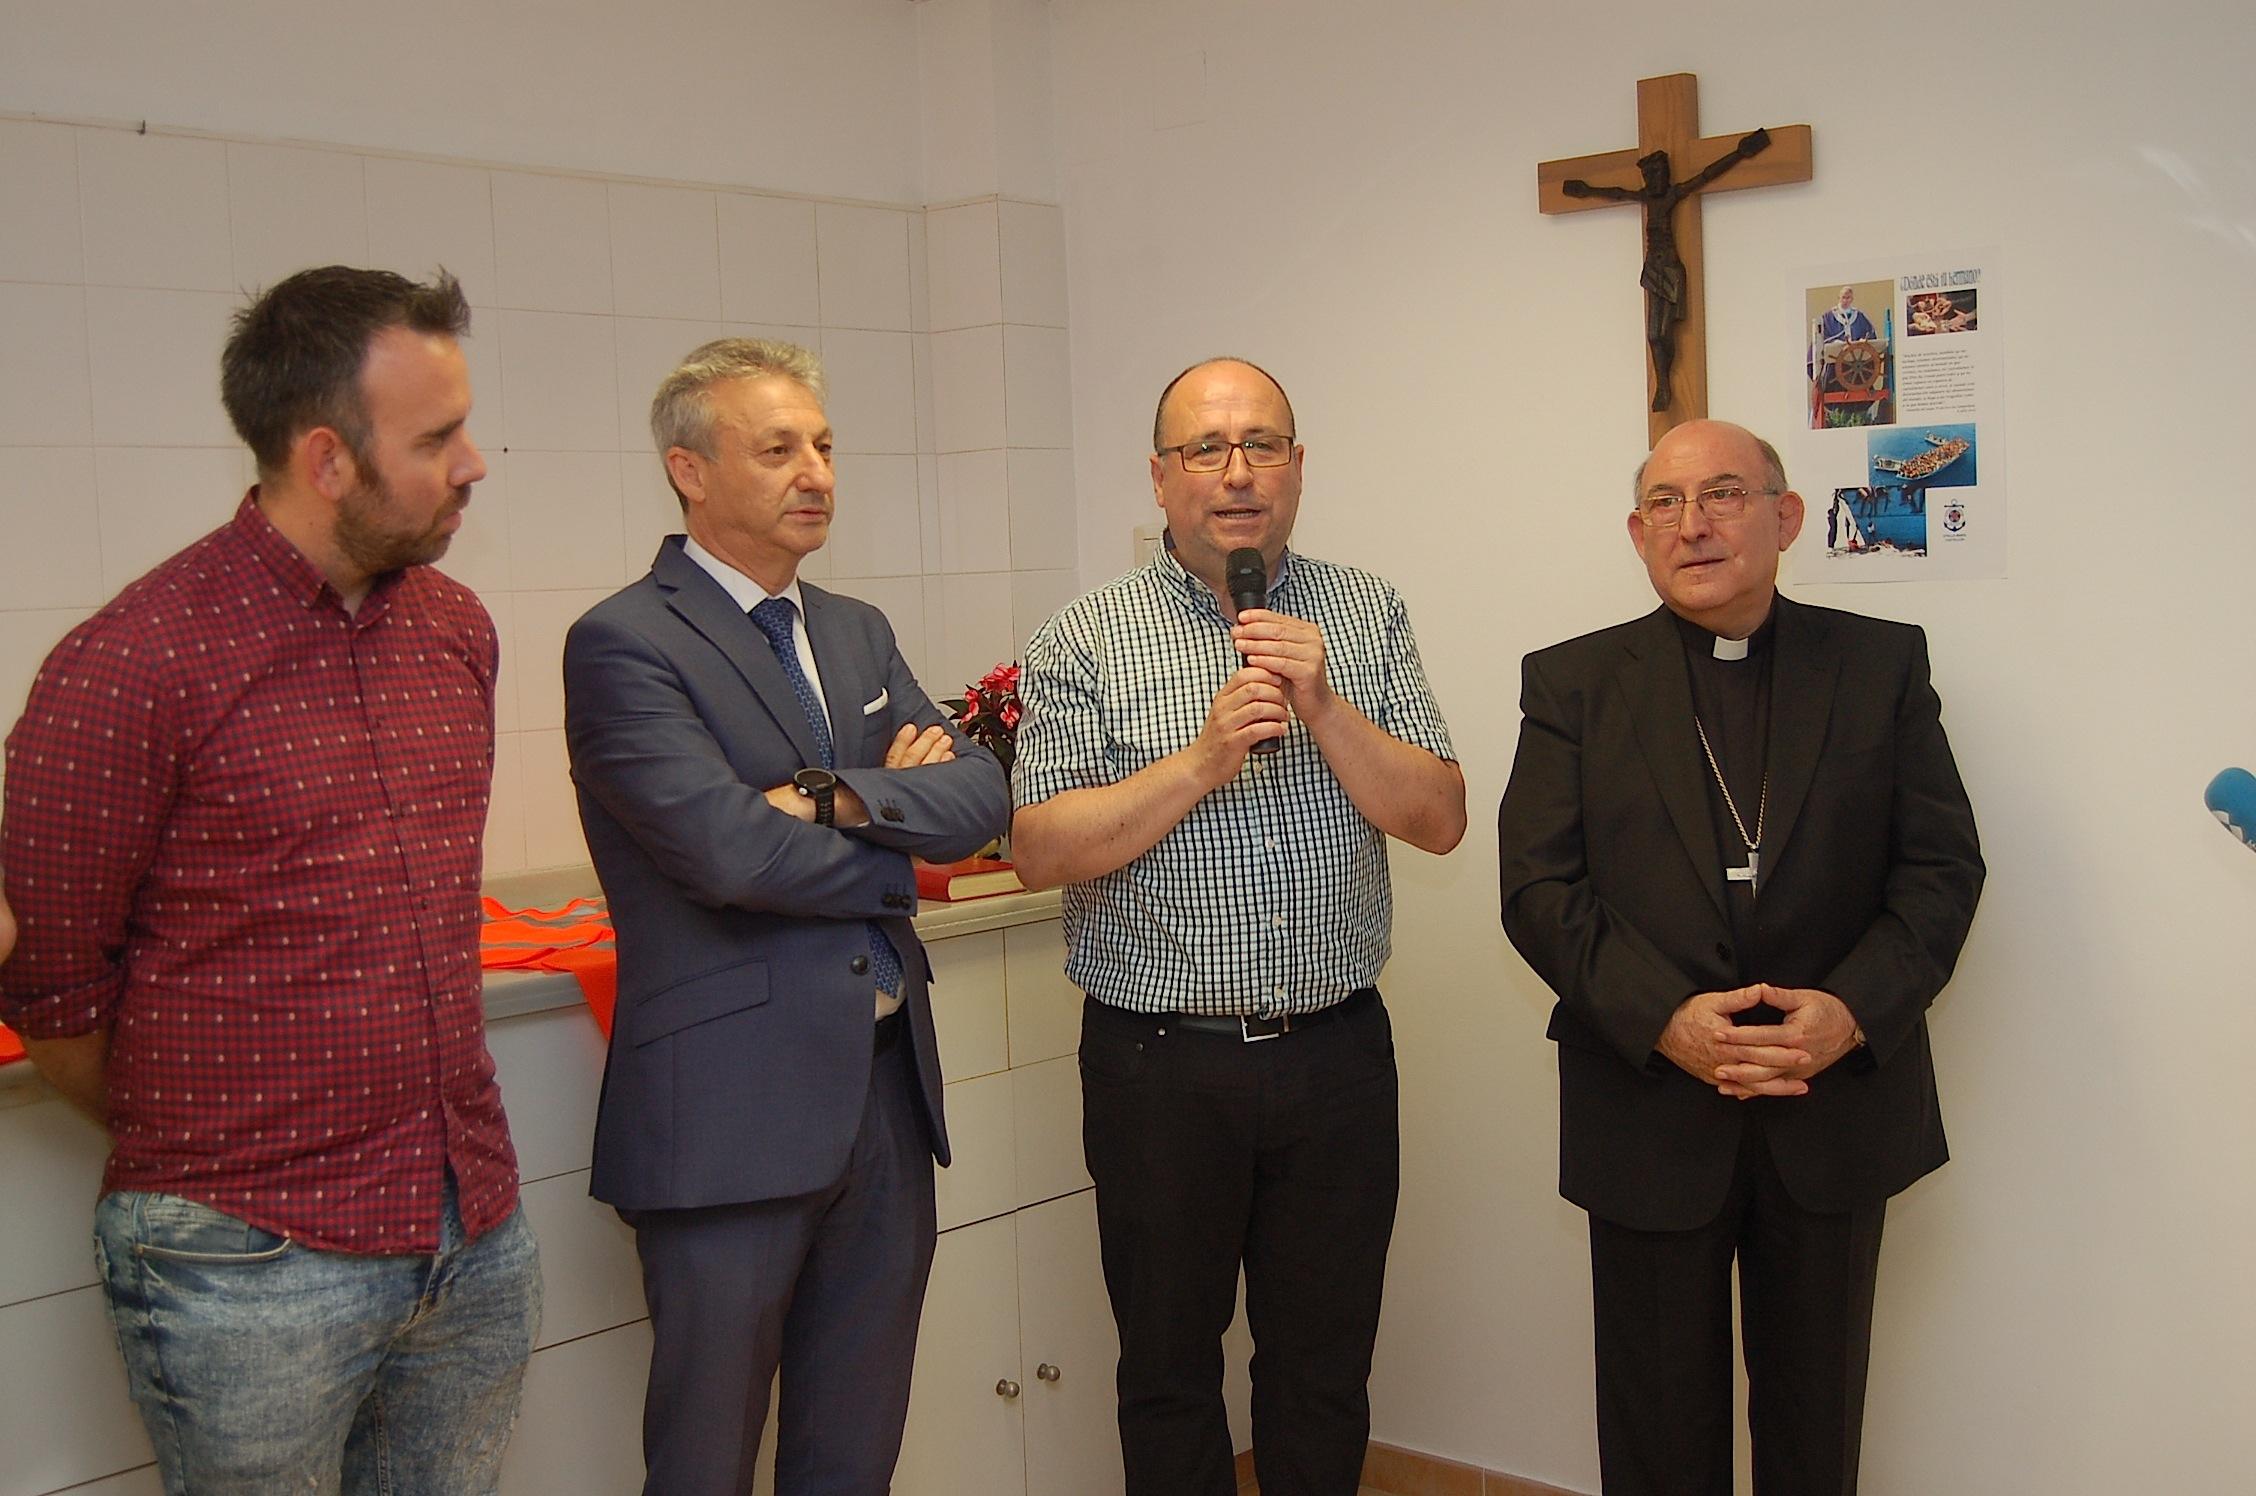 Acto de inauguración con la presencia del presidente de la Autoridad Portuaria y el Teniente de Alcalde del Grao, junto al coordinador del centro y el Obispo